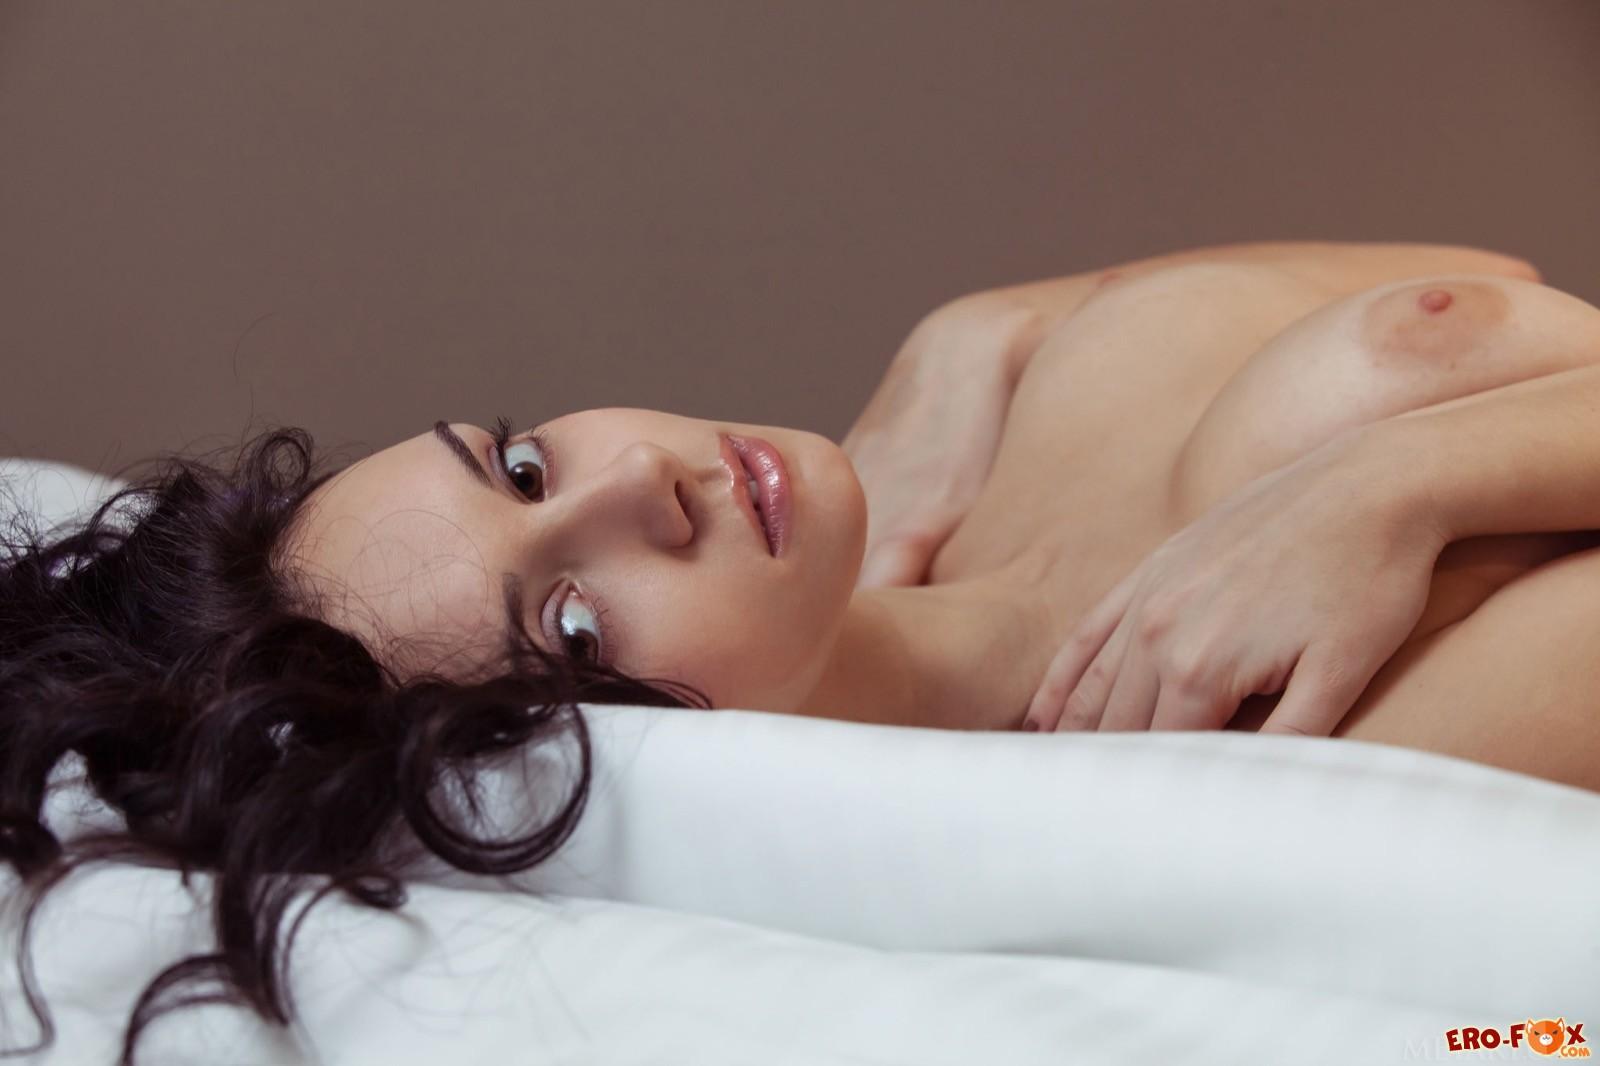 Крошка с возбуждающим телом оголилась в постели